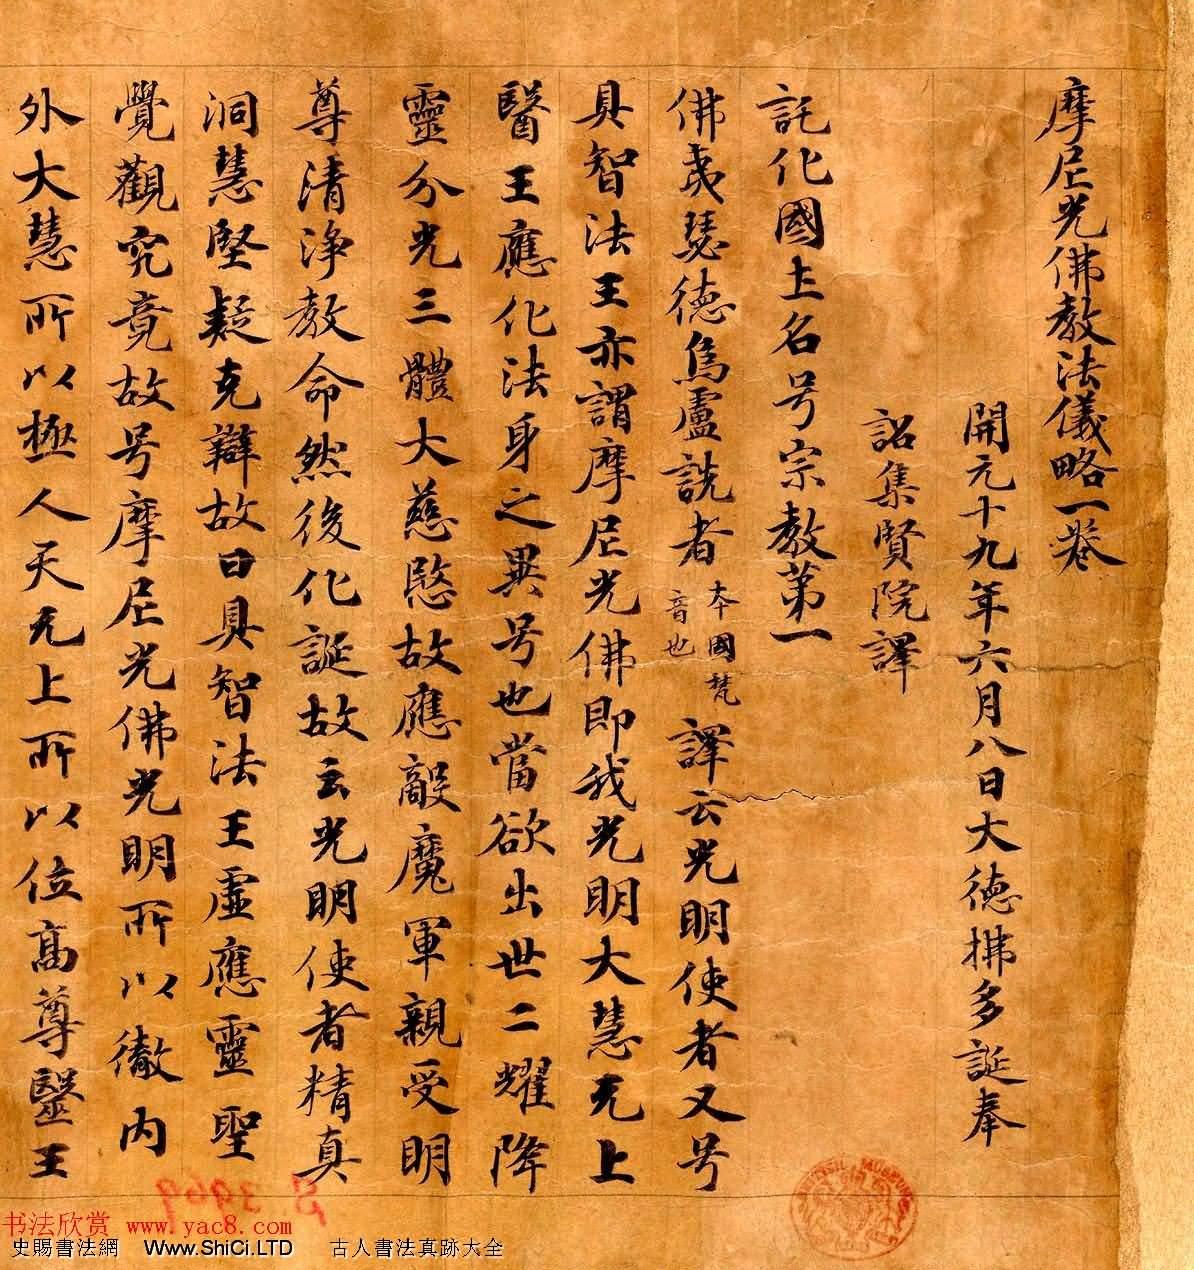 敦煌書法墨跡真跡欣賞《摩尼光佛教法儀略一卷》(共8張圖片)